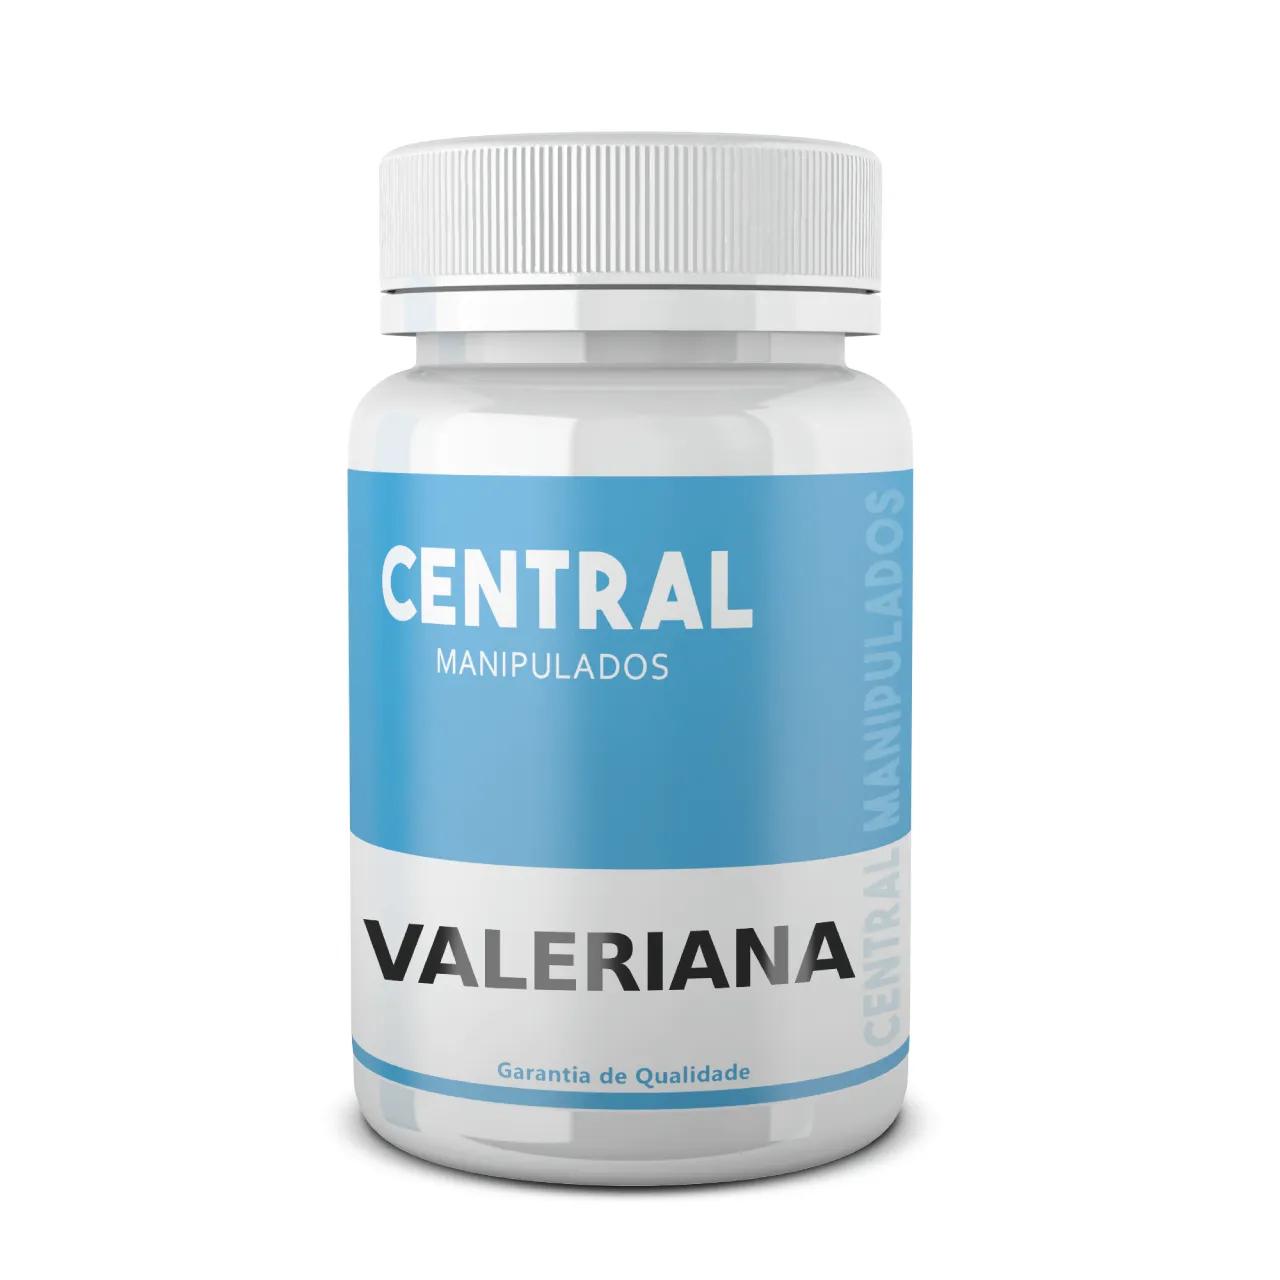 Valeriana 200mg - 180 cápsulas - Alívio dos estados de tensão e estresse, relaxamento saudável, indutor do sono